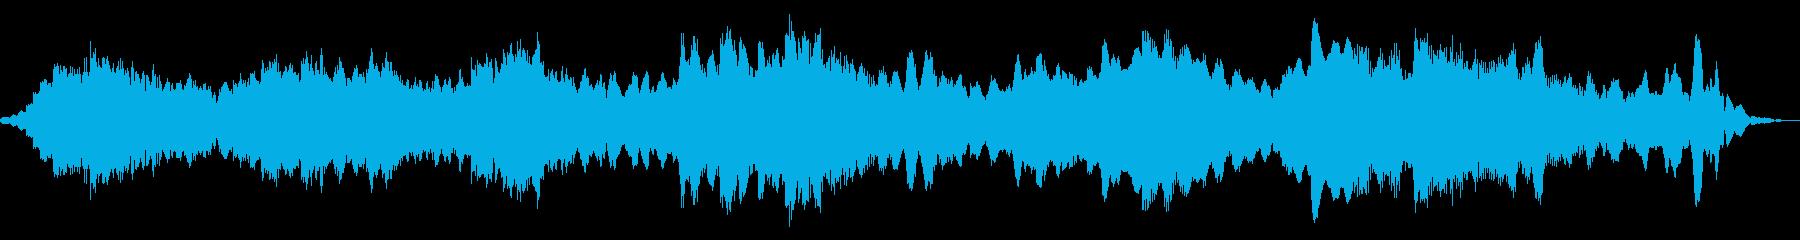 電気楽器。スペーシーな軌道サウンド...の再生済みの波形